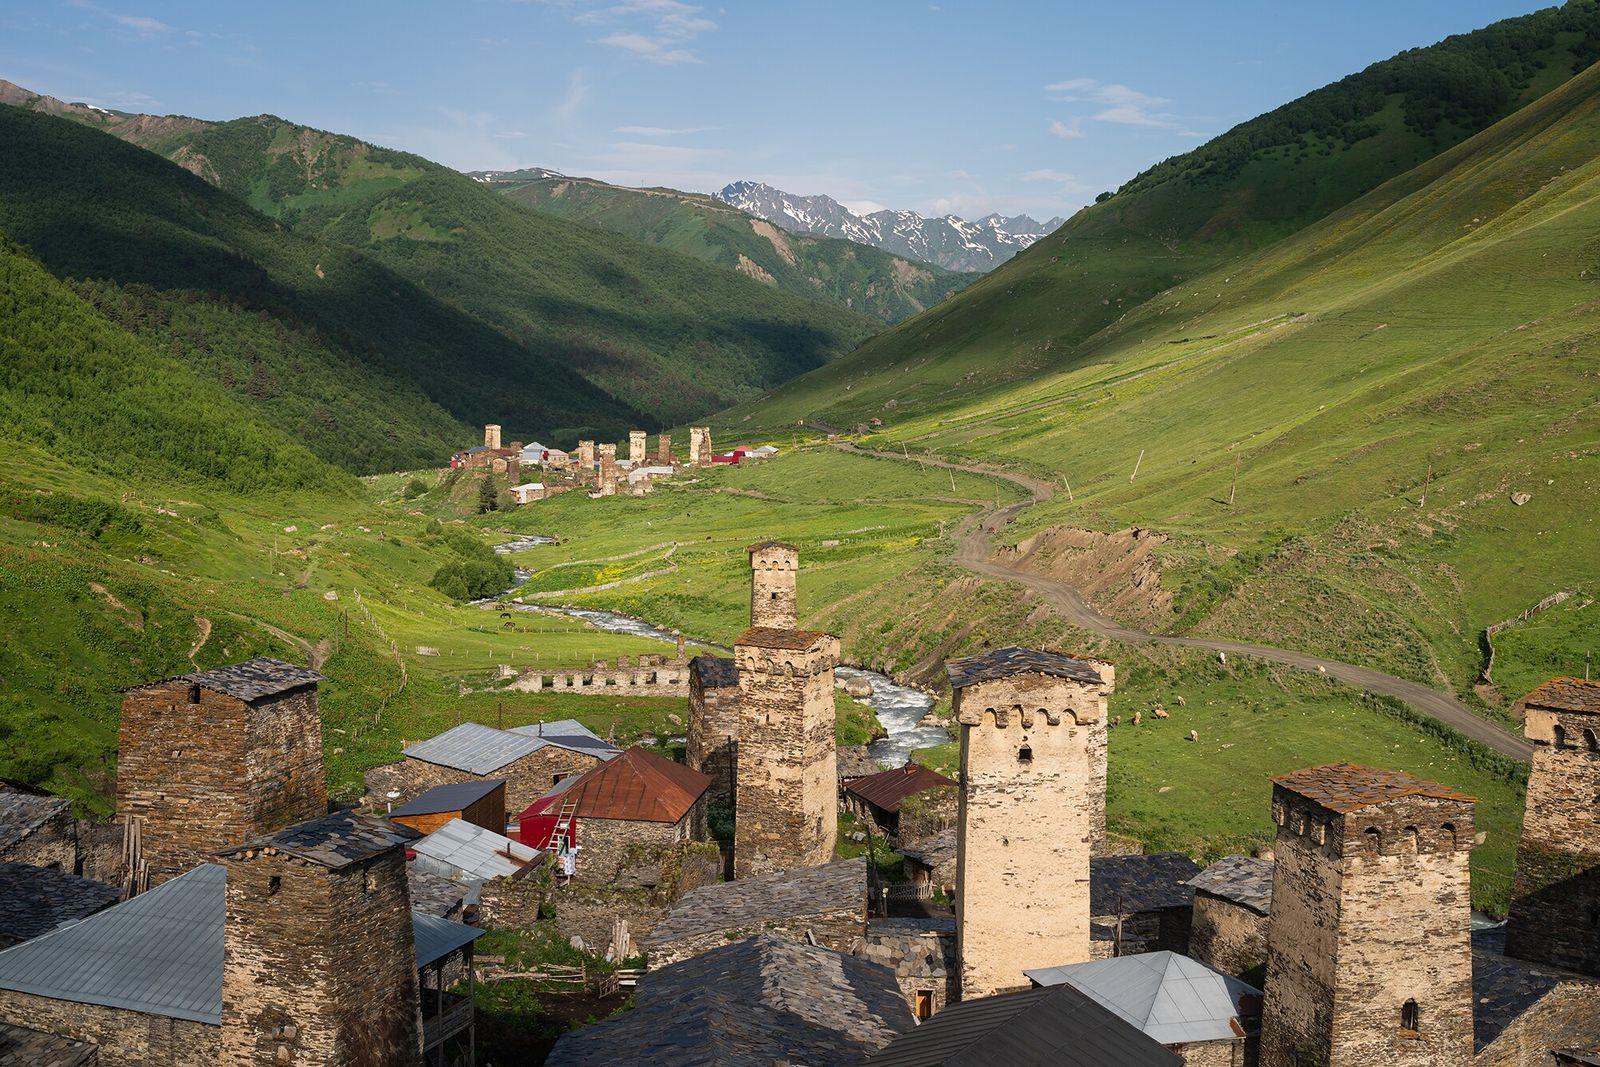 Svaneti, Geórgia   Cercada pelos picos nevados da cordilheira do Cáucaso, Svaneti abriga alguns dos vilarejos ...